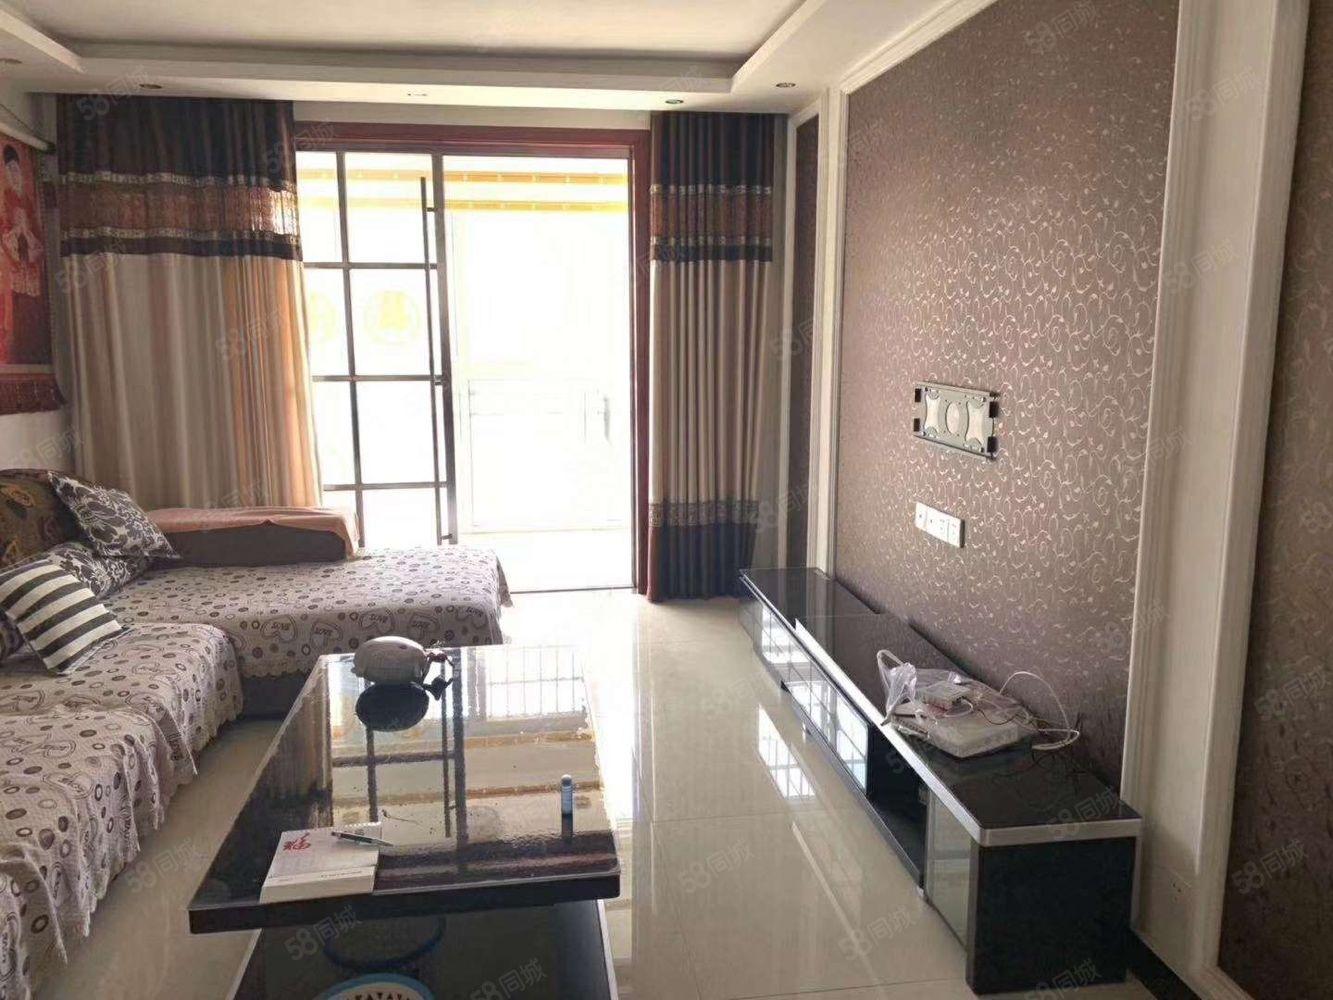 平安路郑煤小区,精装三室,售价56万